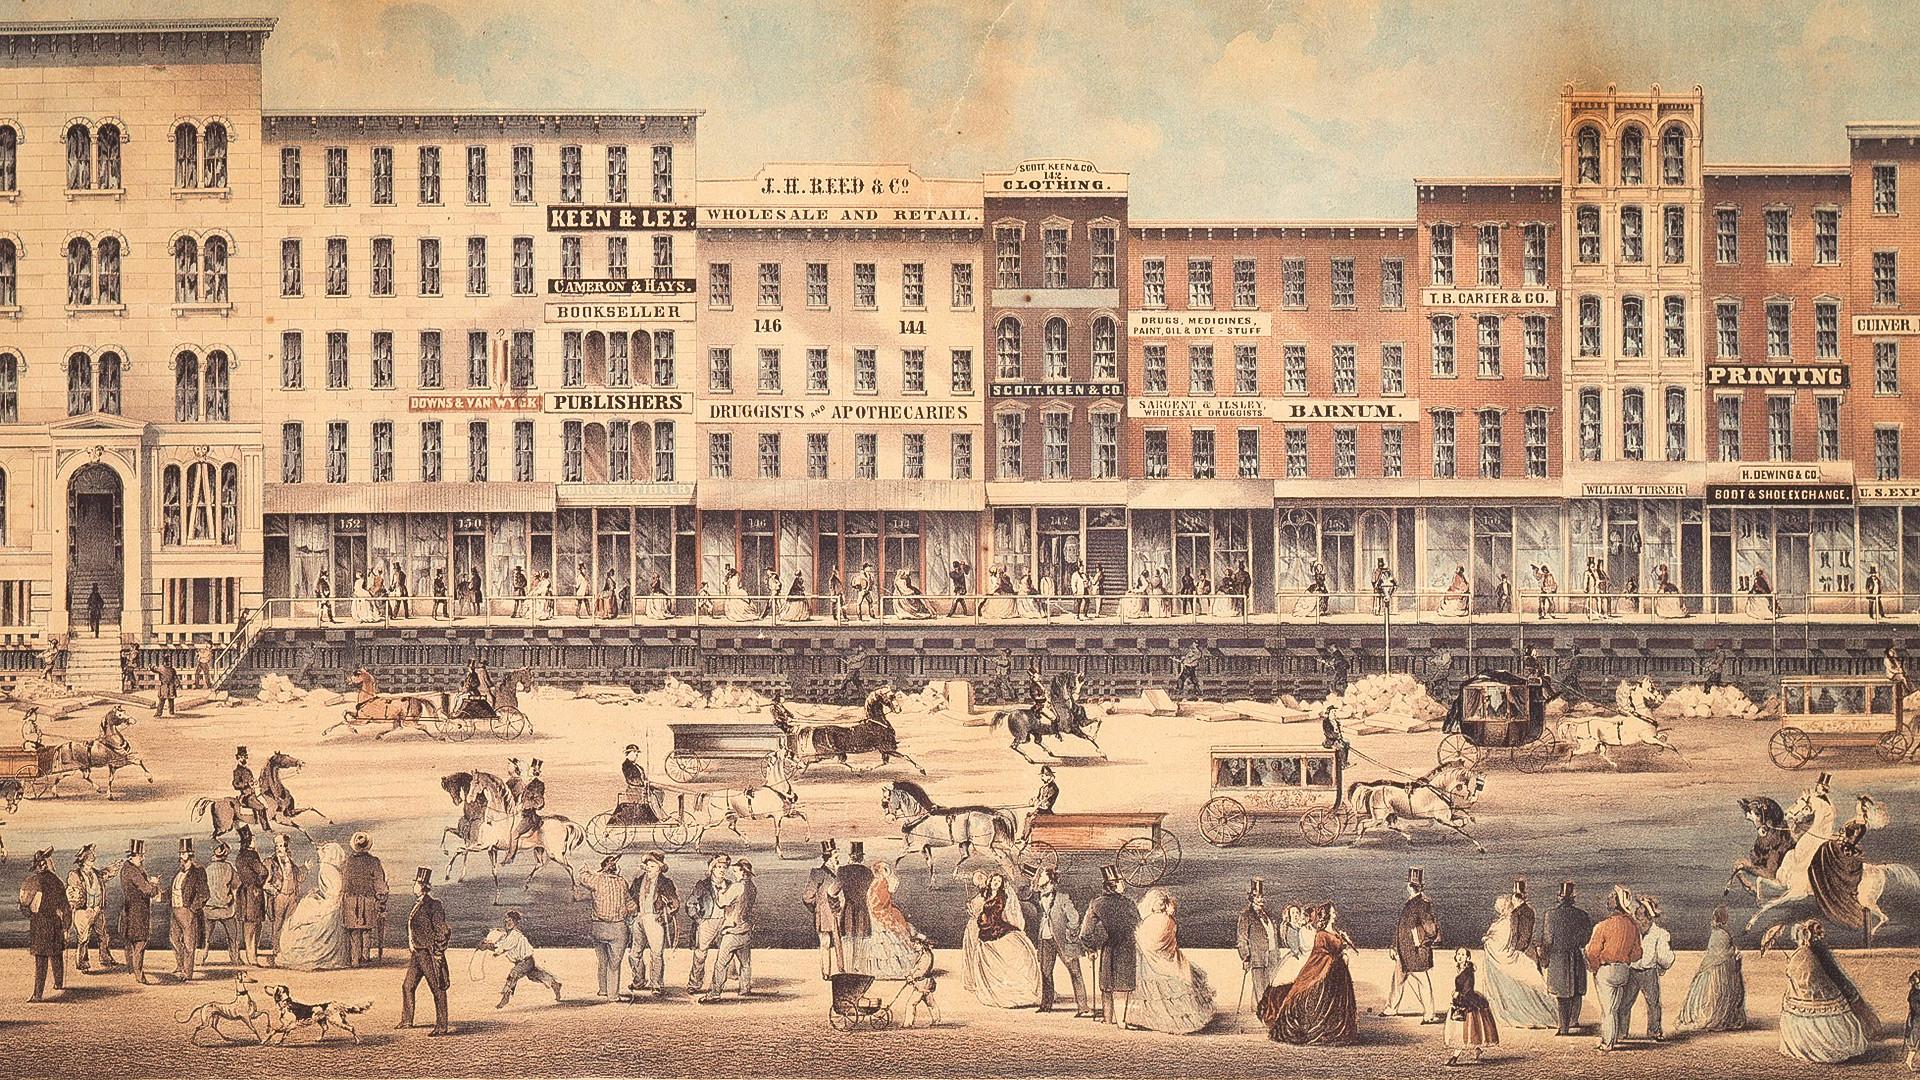 Chicago en la década de 1860.